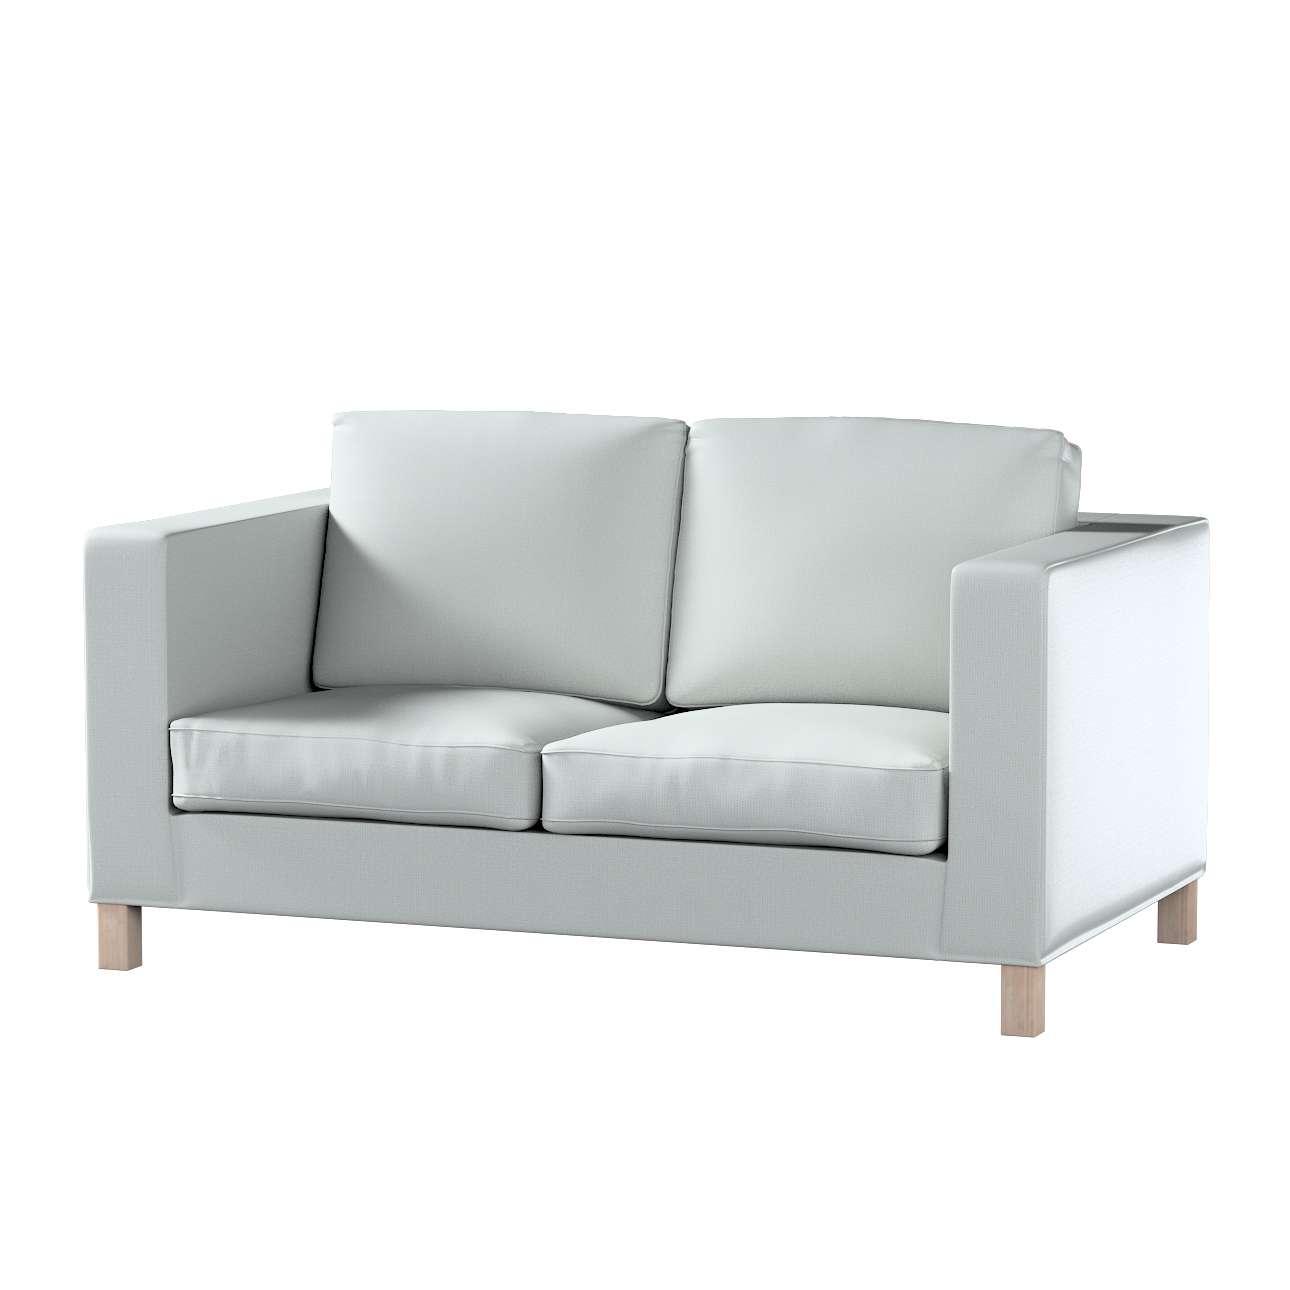 Bezug für Karlanda 2-Sitzer Sofa nicht ausklappbar, kurz von der Kollektion Bergen, Stoff: 161-72